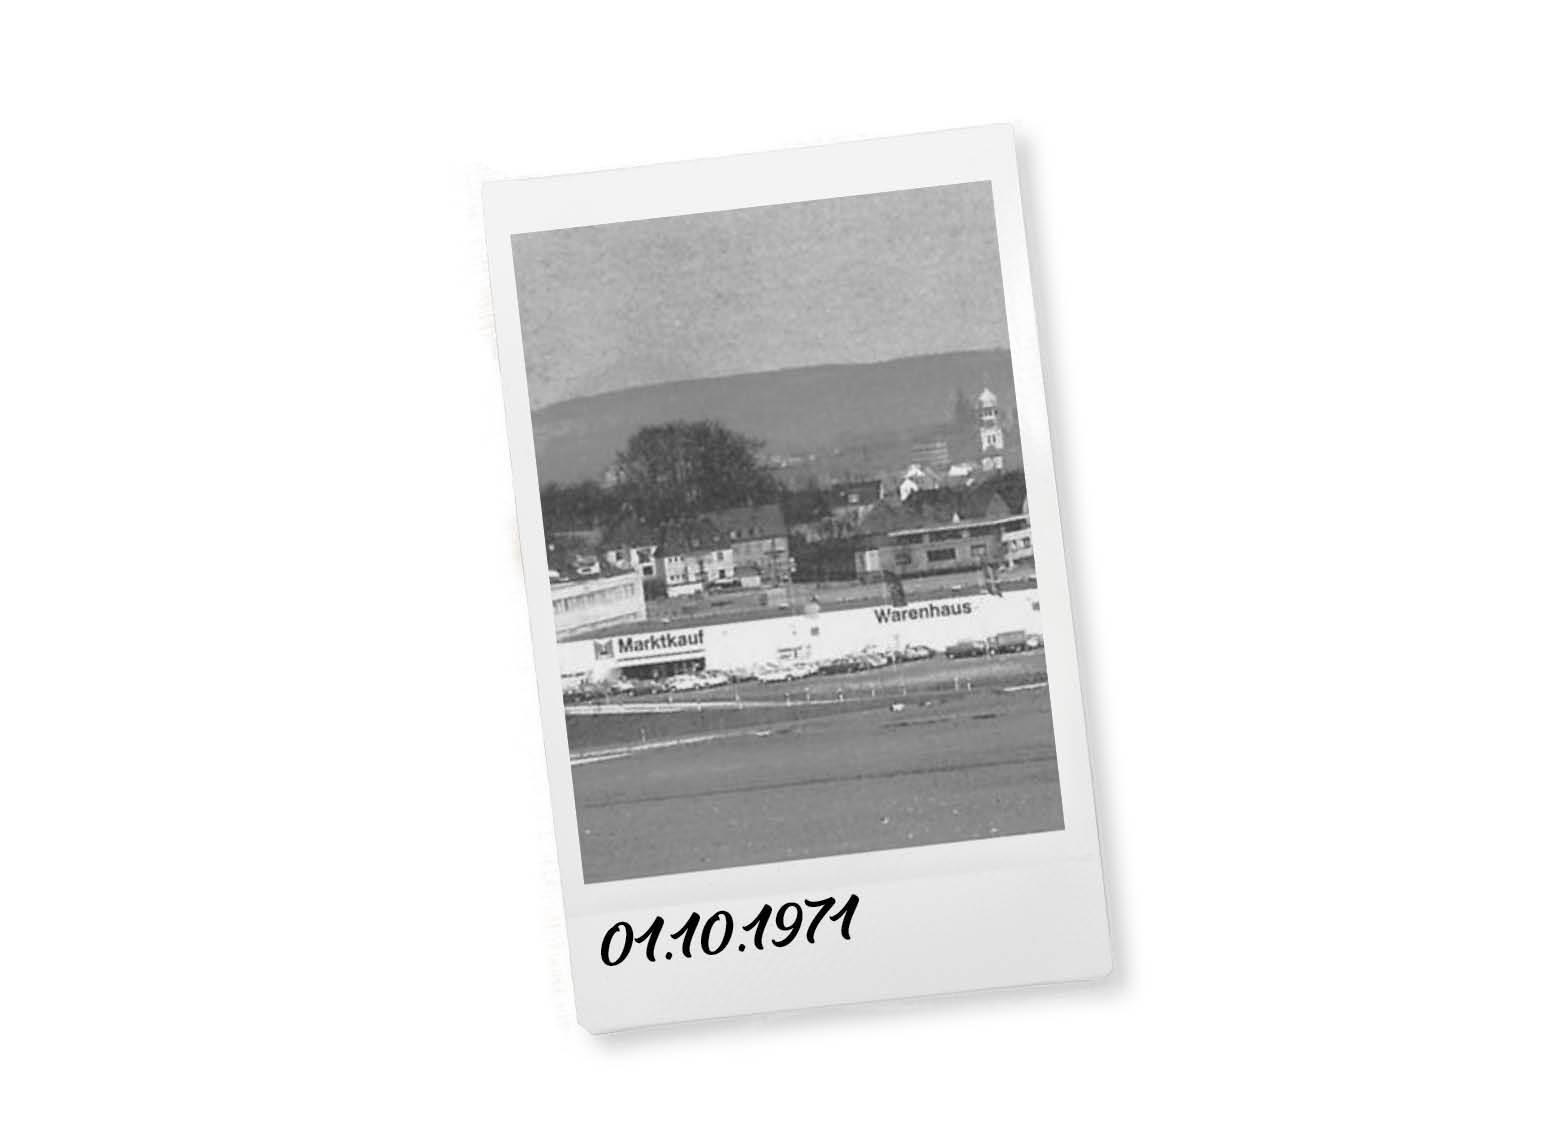 Eröffnung der ersten beiden Häuser in Osnabrück-Nahne am 12.10.1971 und in Bielefeld in der Friedrich-List-Straße am 20.10.1971.